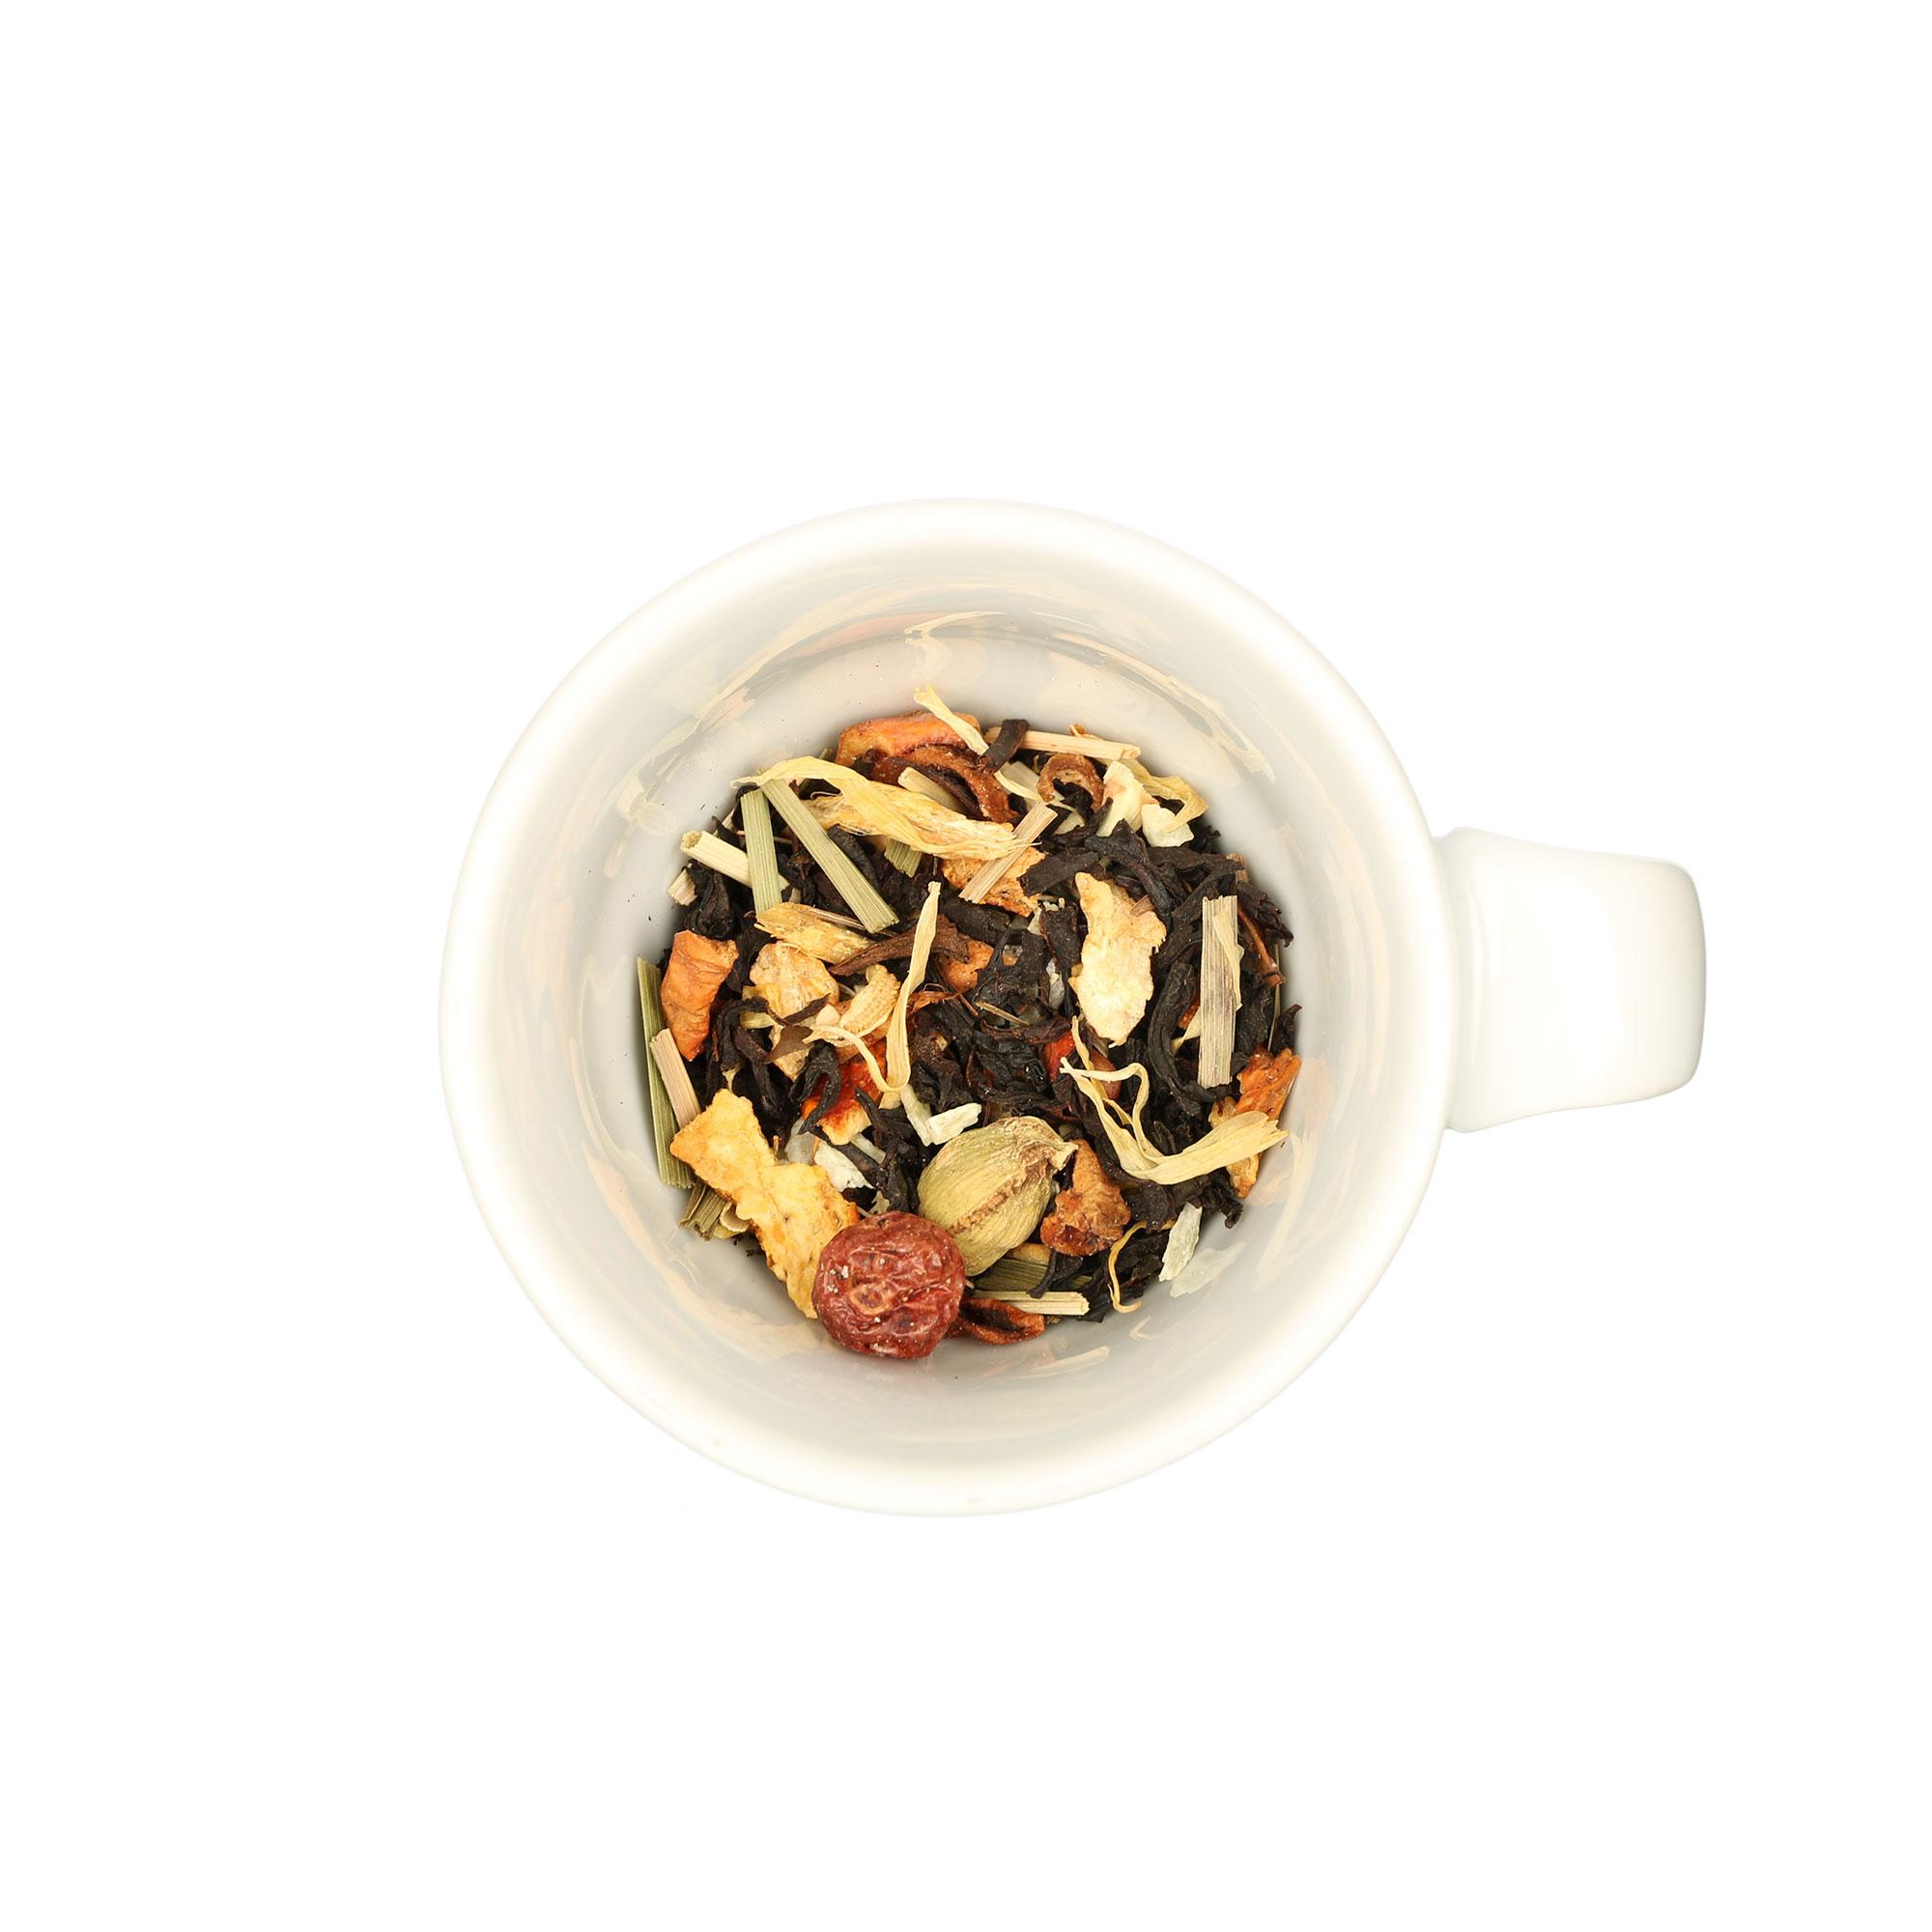 Aromatisierter schwarzer Tee mit Ananas-Lemon-Geschmack